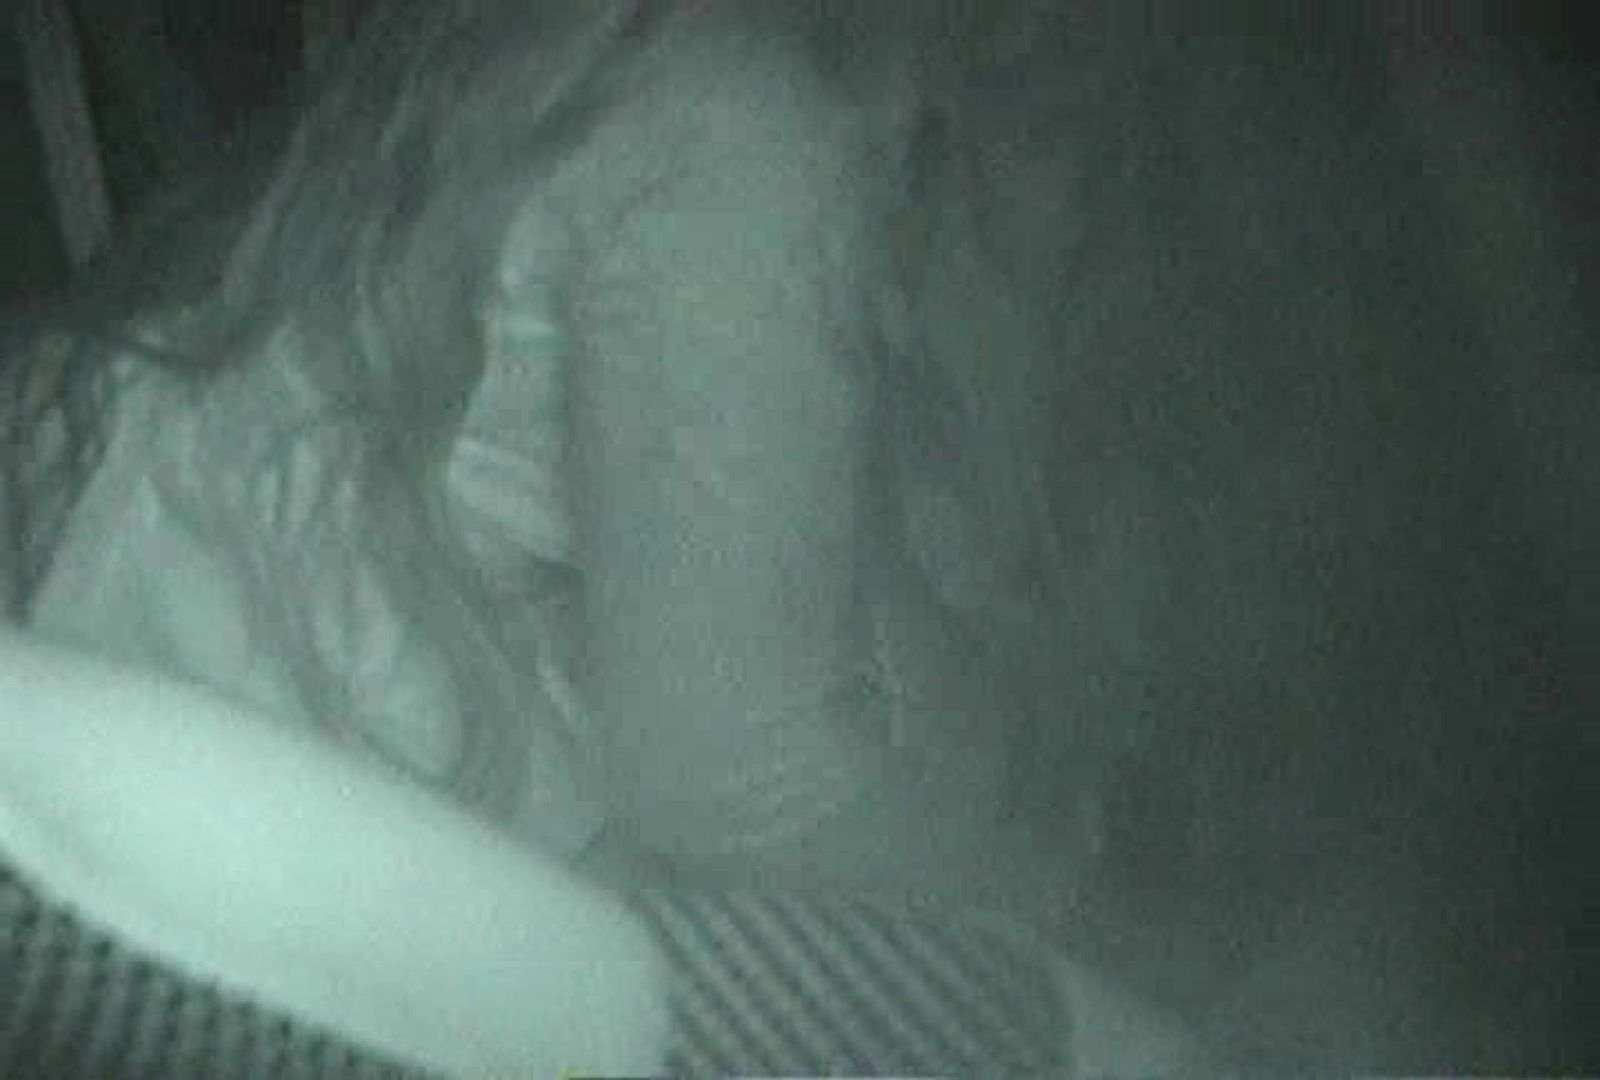 充血監督の深夜の運動会Vol.49 エッチなセックス | カップル盗撮  83画像 21